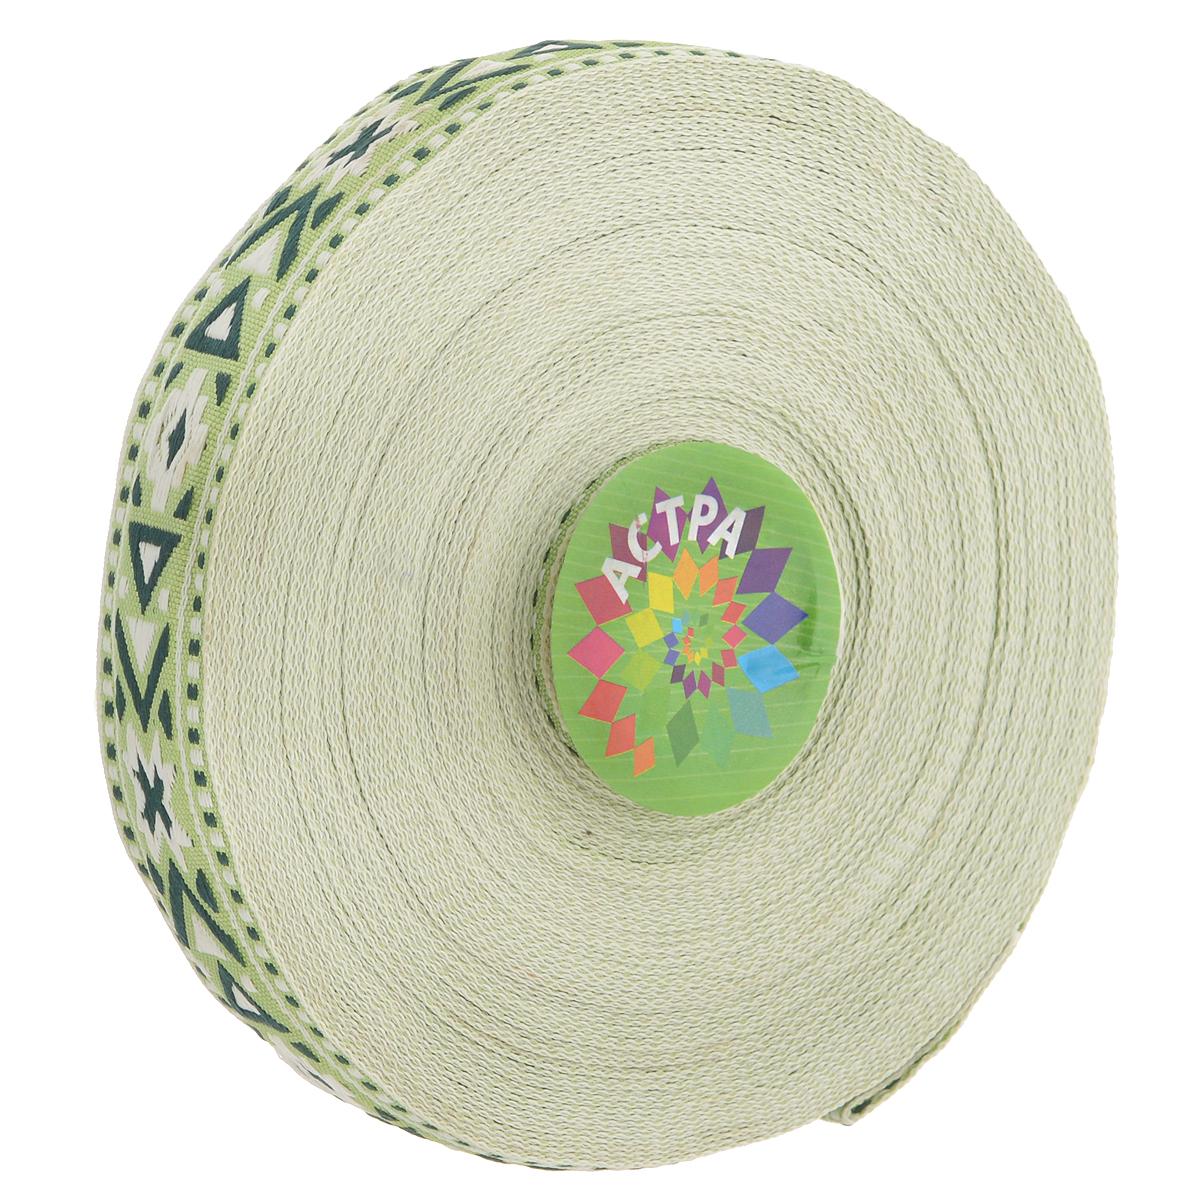 Тесьма декоративная Астра, цвет: зеленый (2), ширина 2 см, длина 16,4 м. 7703269C0042415Декоративная тесьма Астра выполнена из текстиля и оформлена оригинальным орнаментом. Такая тесьма идеально подойдет для оформления различных творческих работ таких, как скрапбукинг, аппликация, декор коробок и открыток и многое другое. Тесьма наивысшего качества и практична в использовании. Она станет незаменимом элементов в создании рукотворного шедевра. Ширина: 2 см.Длина: 16,4 м.